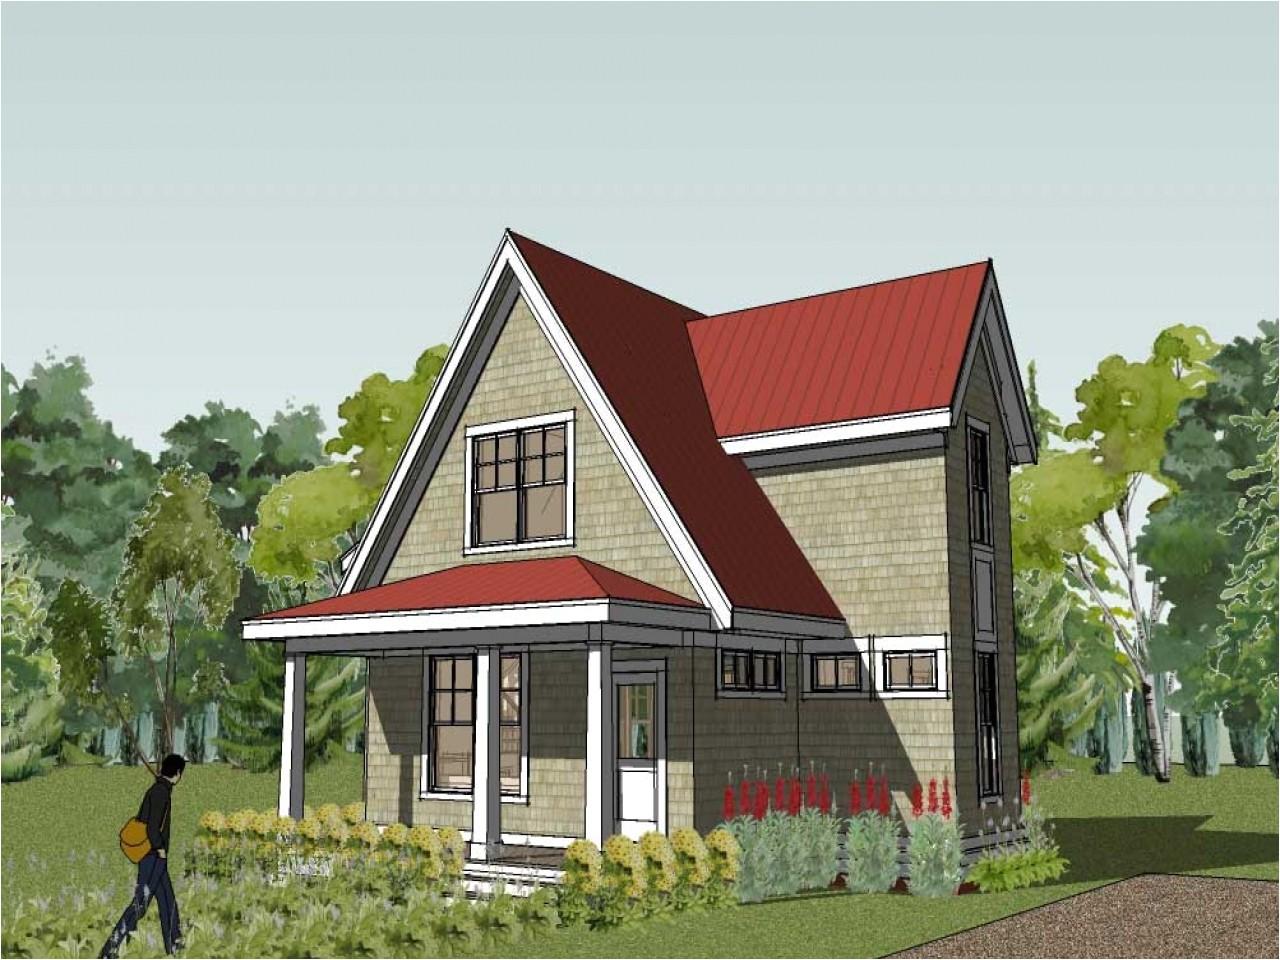 7e4b0d4a276b0a82 unique small house plans small cottage house plans